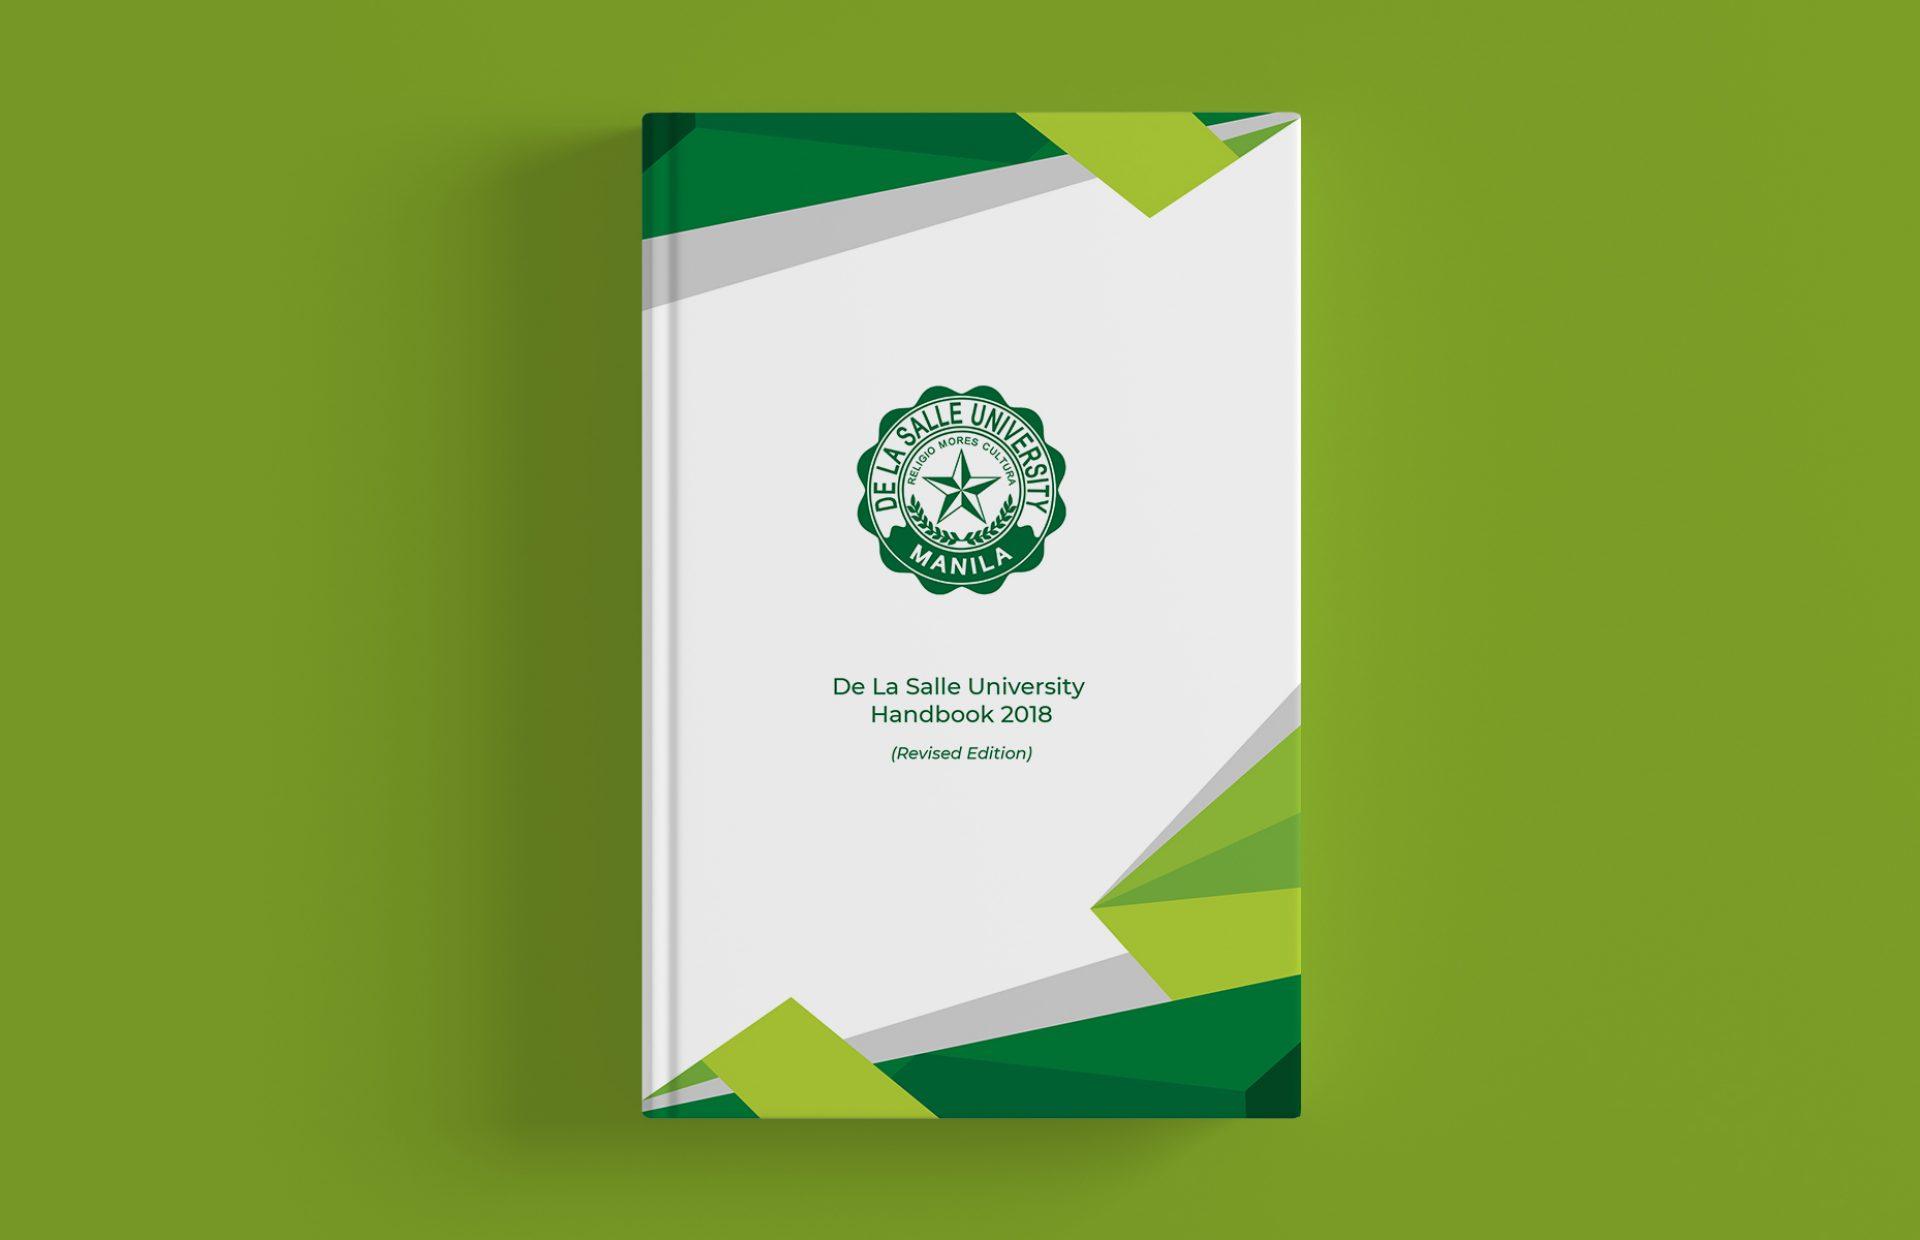 De La Salle University Handbook 2018 (Closed)